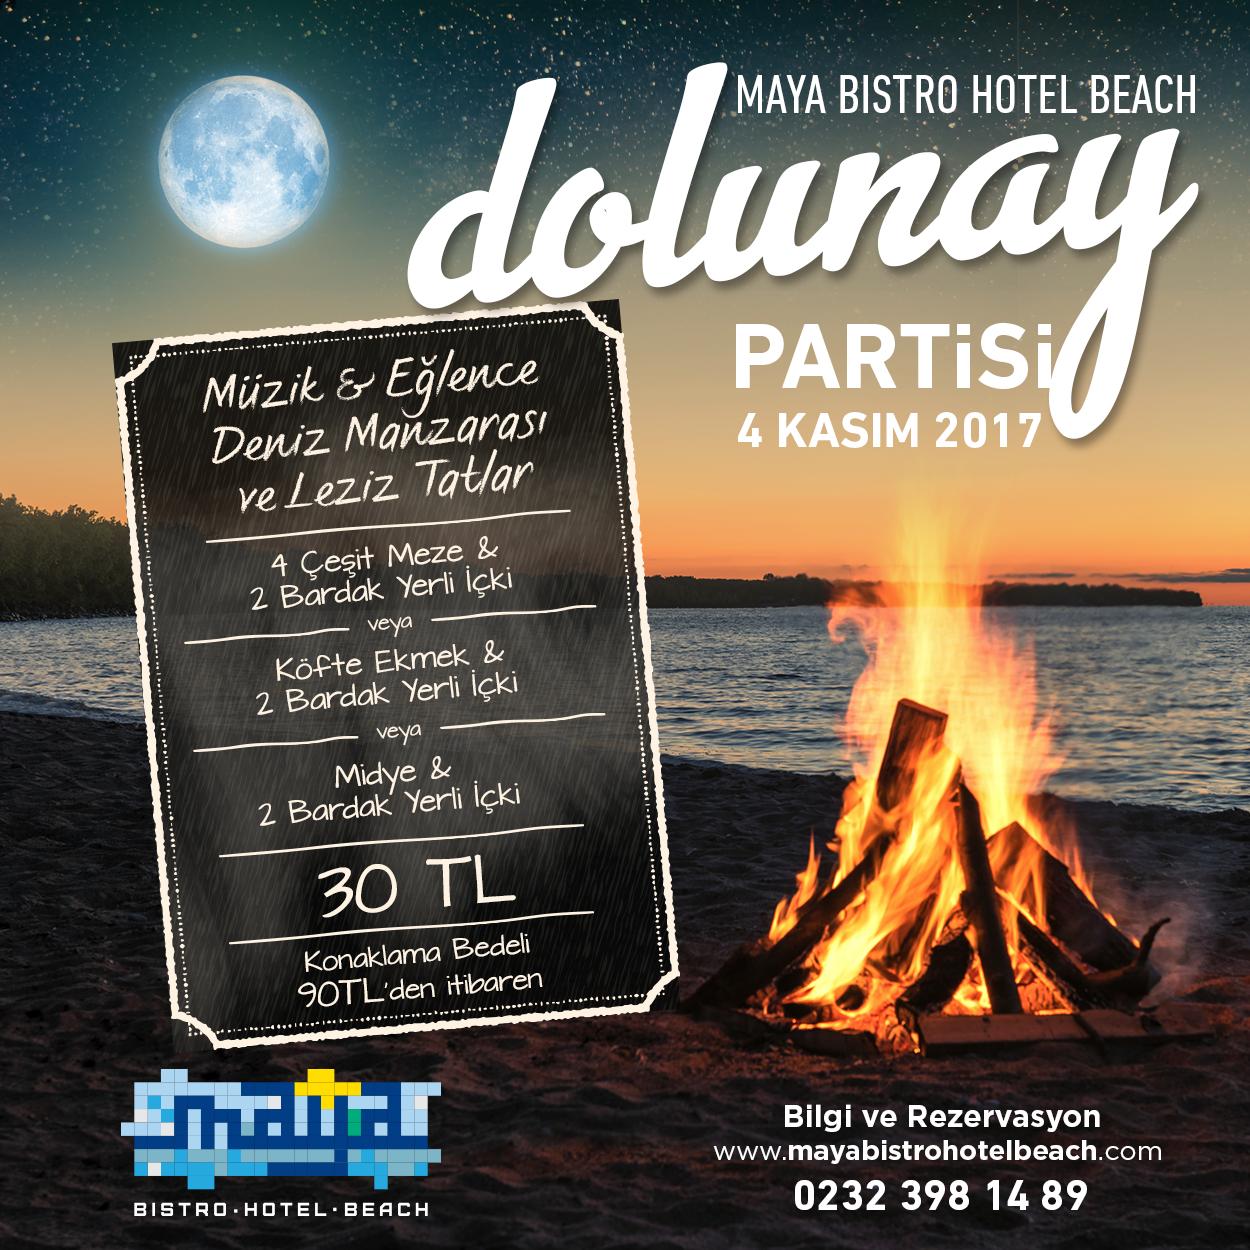 MAYA BISTRO HOTEL BEACH DOLUNAY PARTİSİ